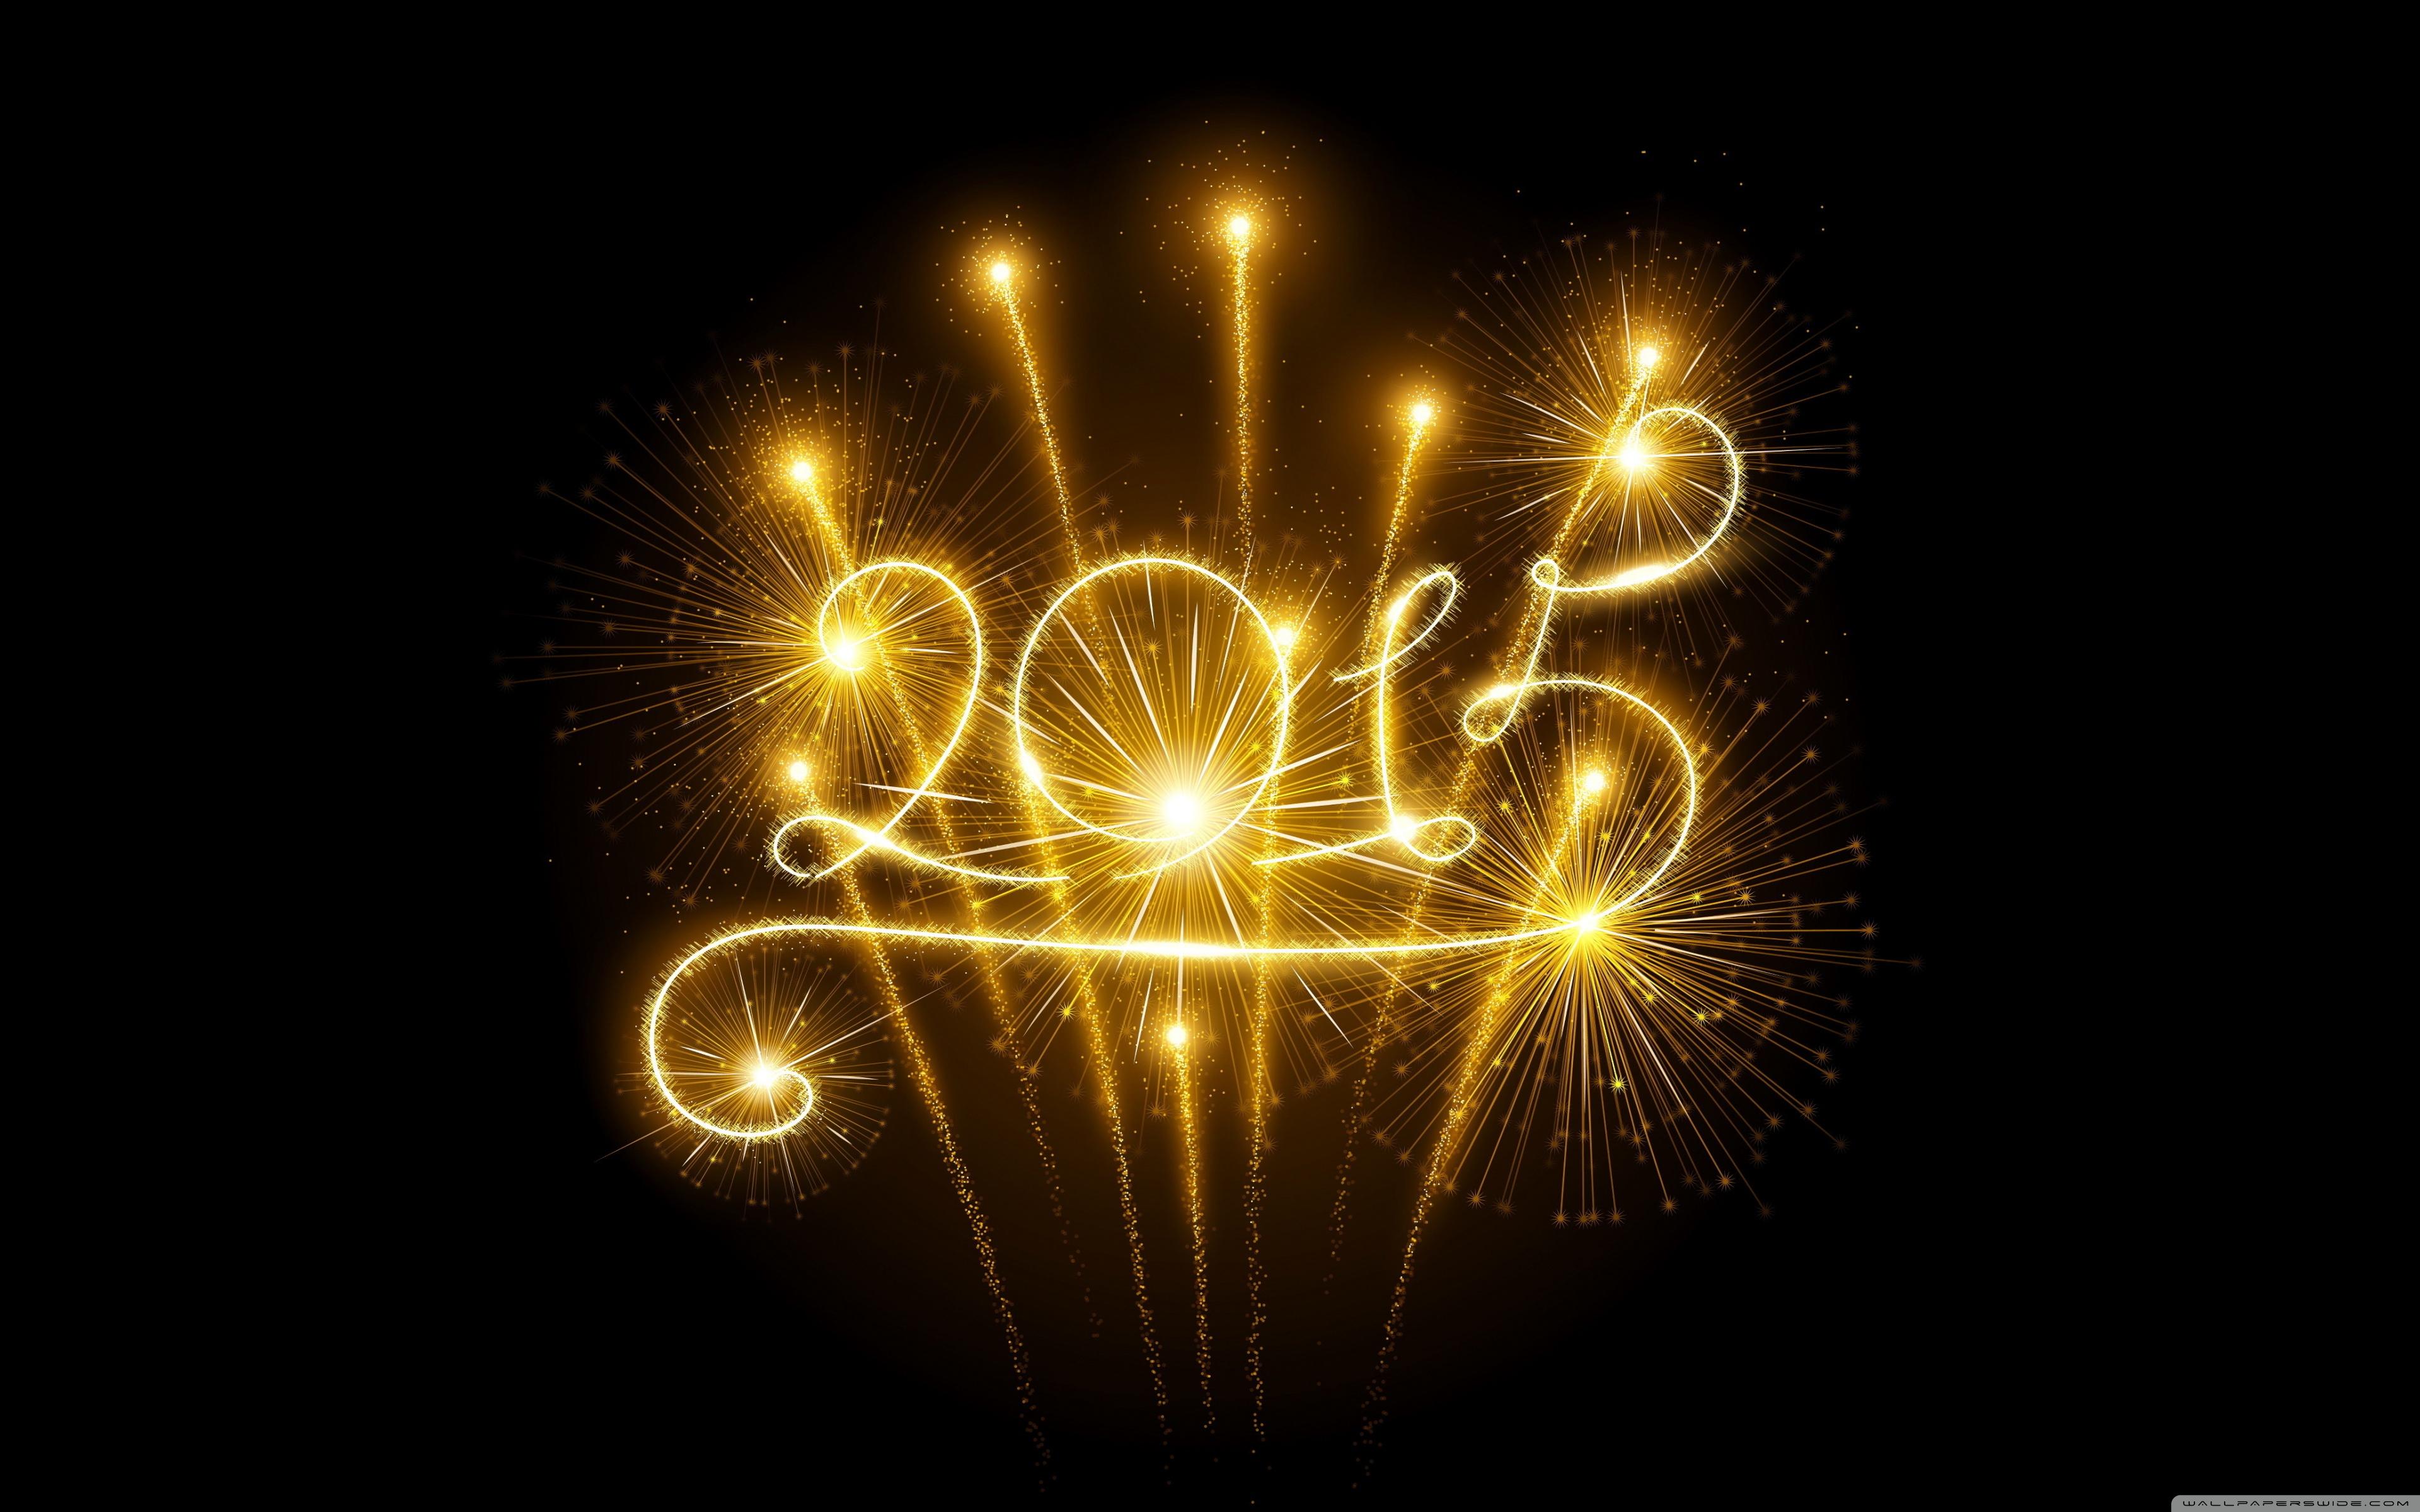 Happy New Year 2015 Fireworks 4K HD Desktop Wallpaper for 4K 3840x2400